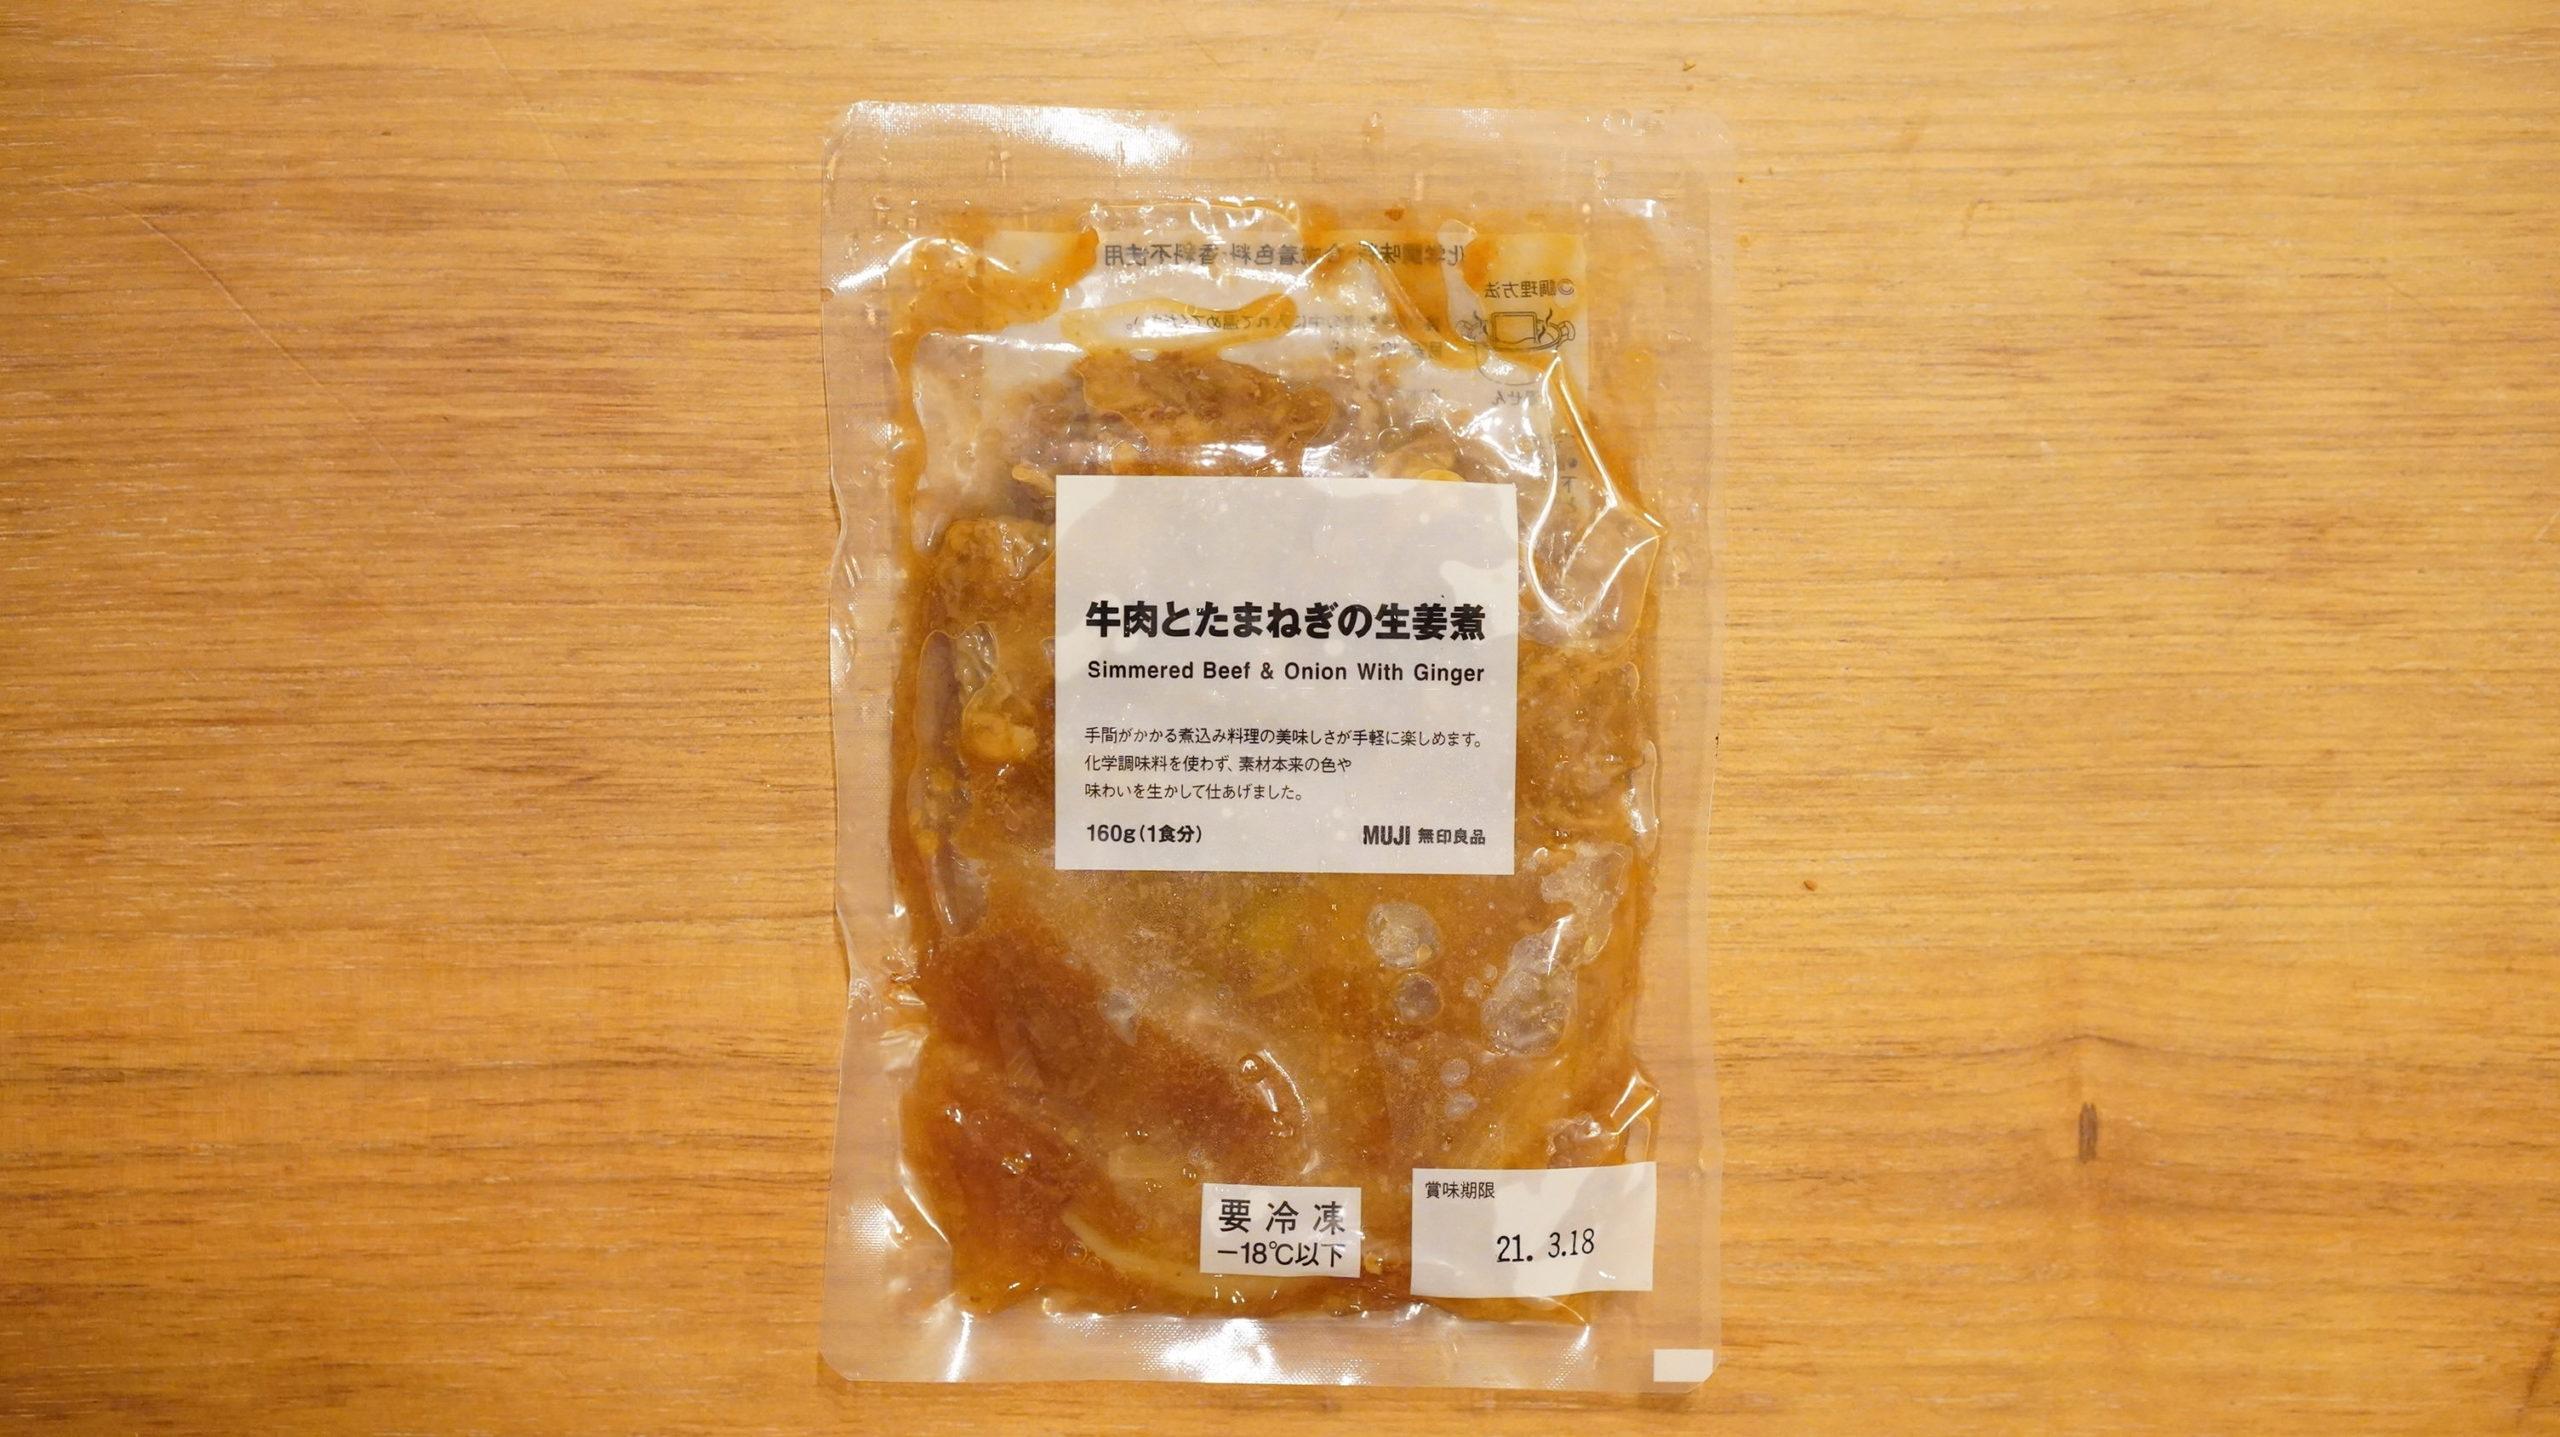 無印良品のおすすめ冷凍食品「牛肉とたまねぎの生姜煮」のパッケージの写真